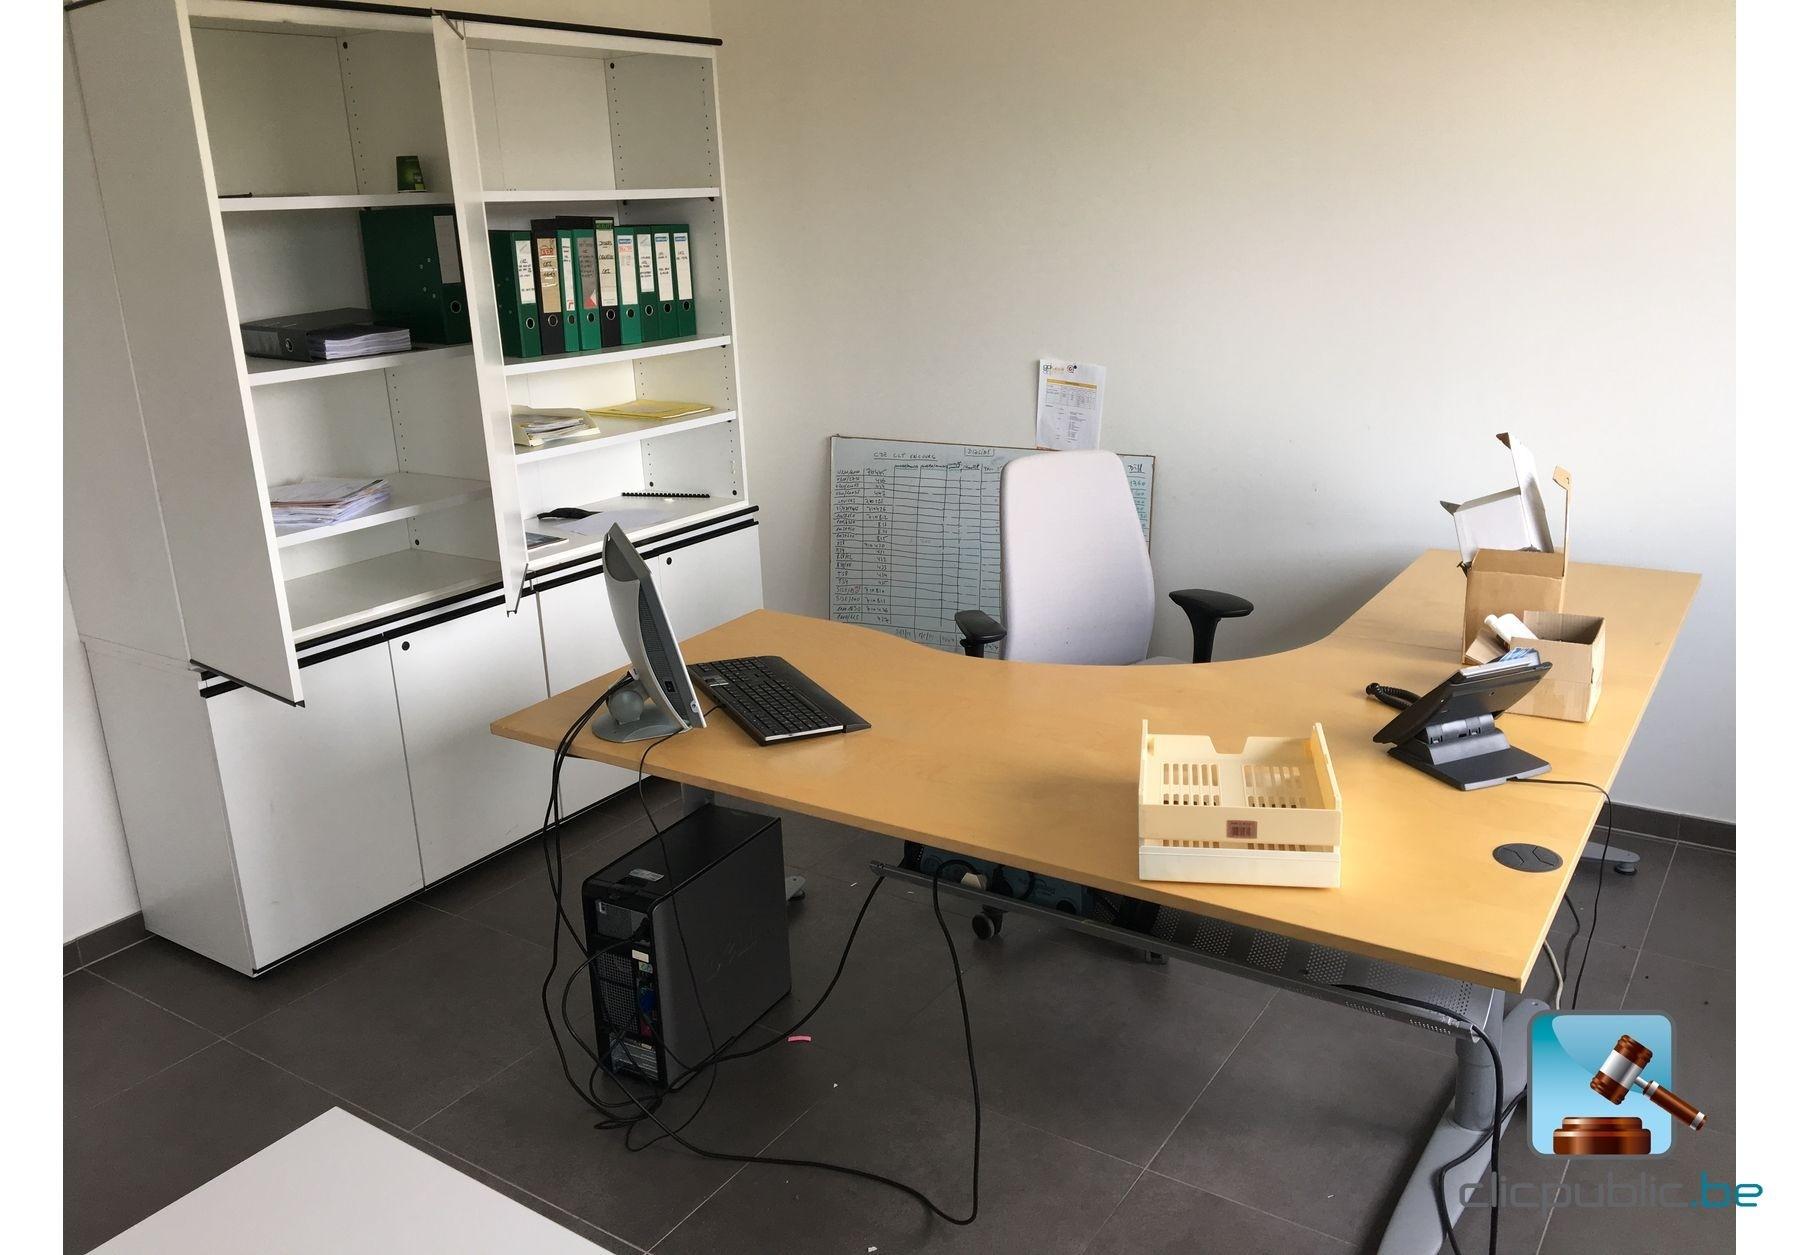 Mat riel informatique mobilier de bureau ref 28 - Mobilier de bureau informatique ...